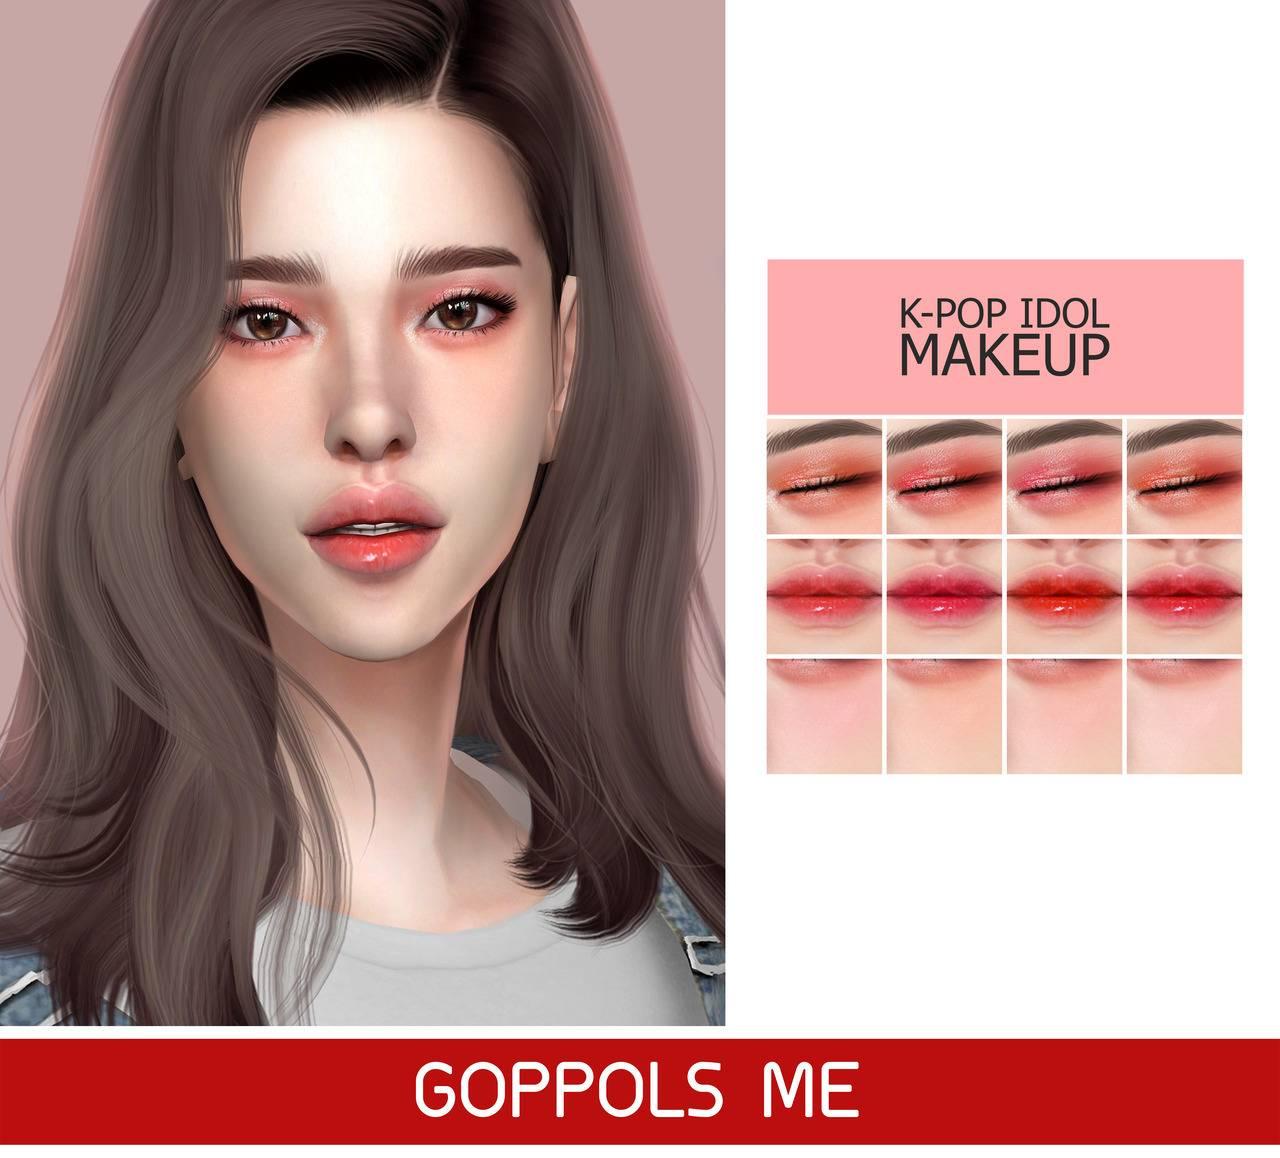 Набор косметики - Kpop Idol Makeup